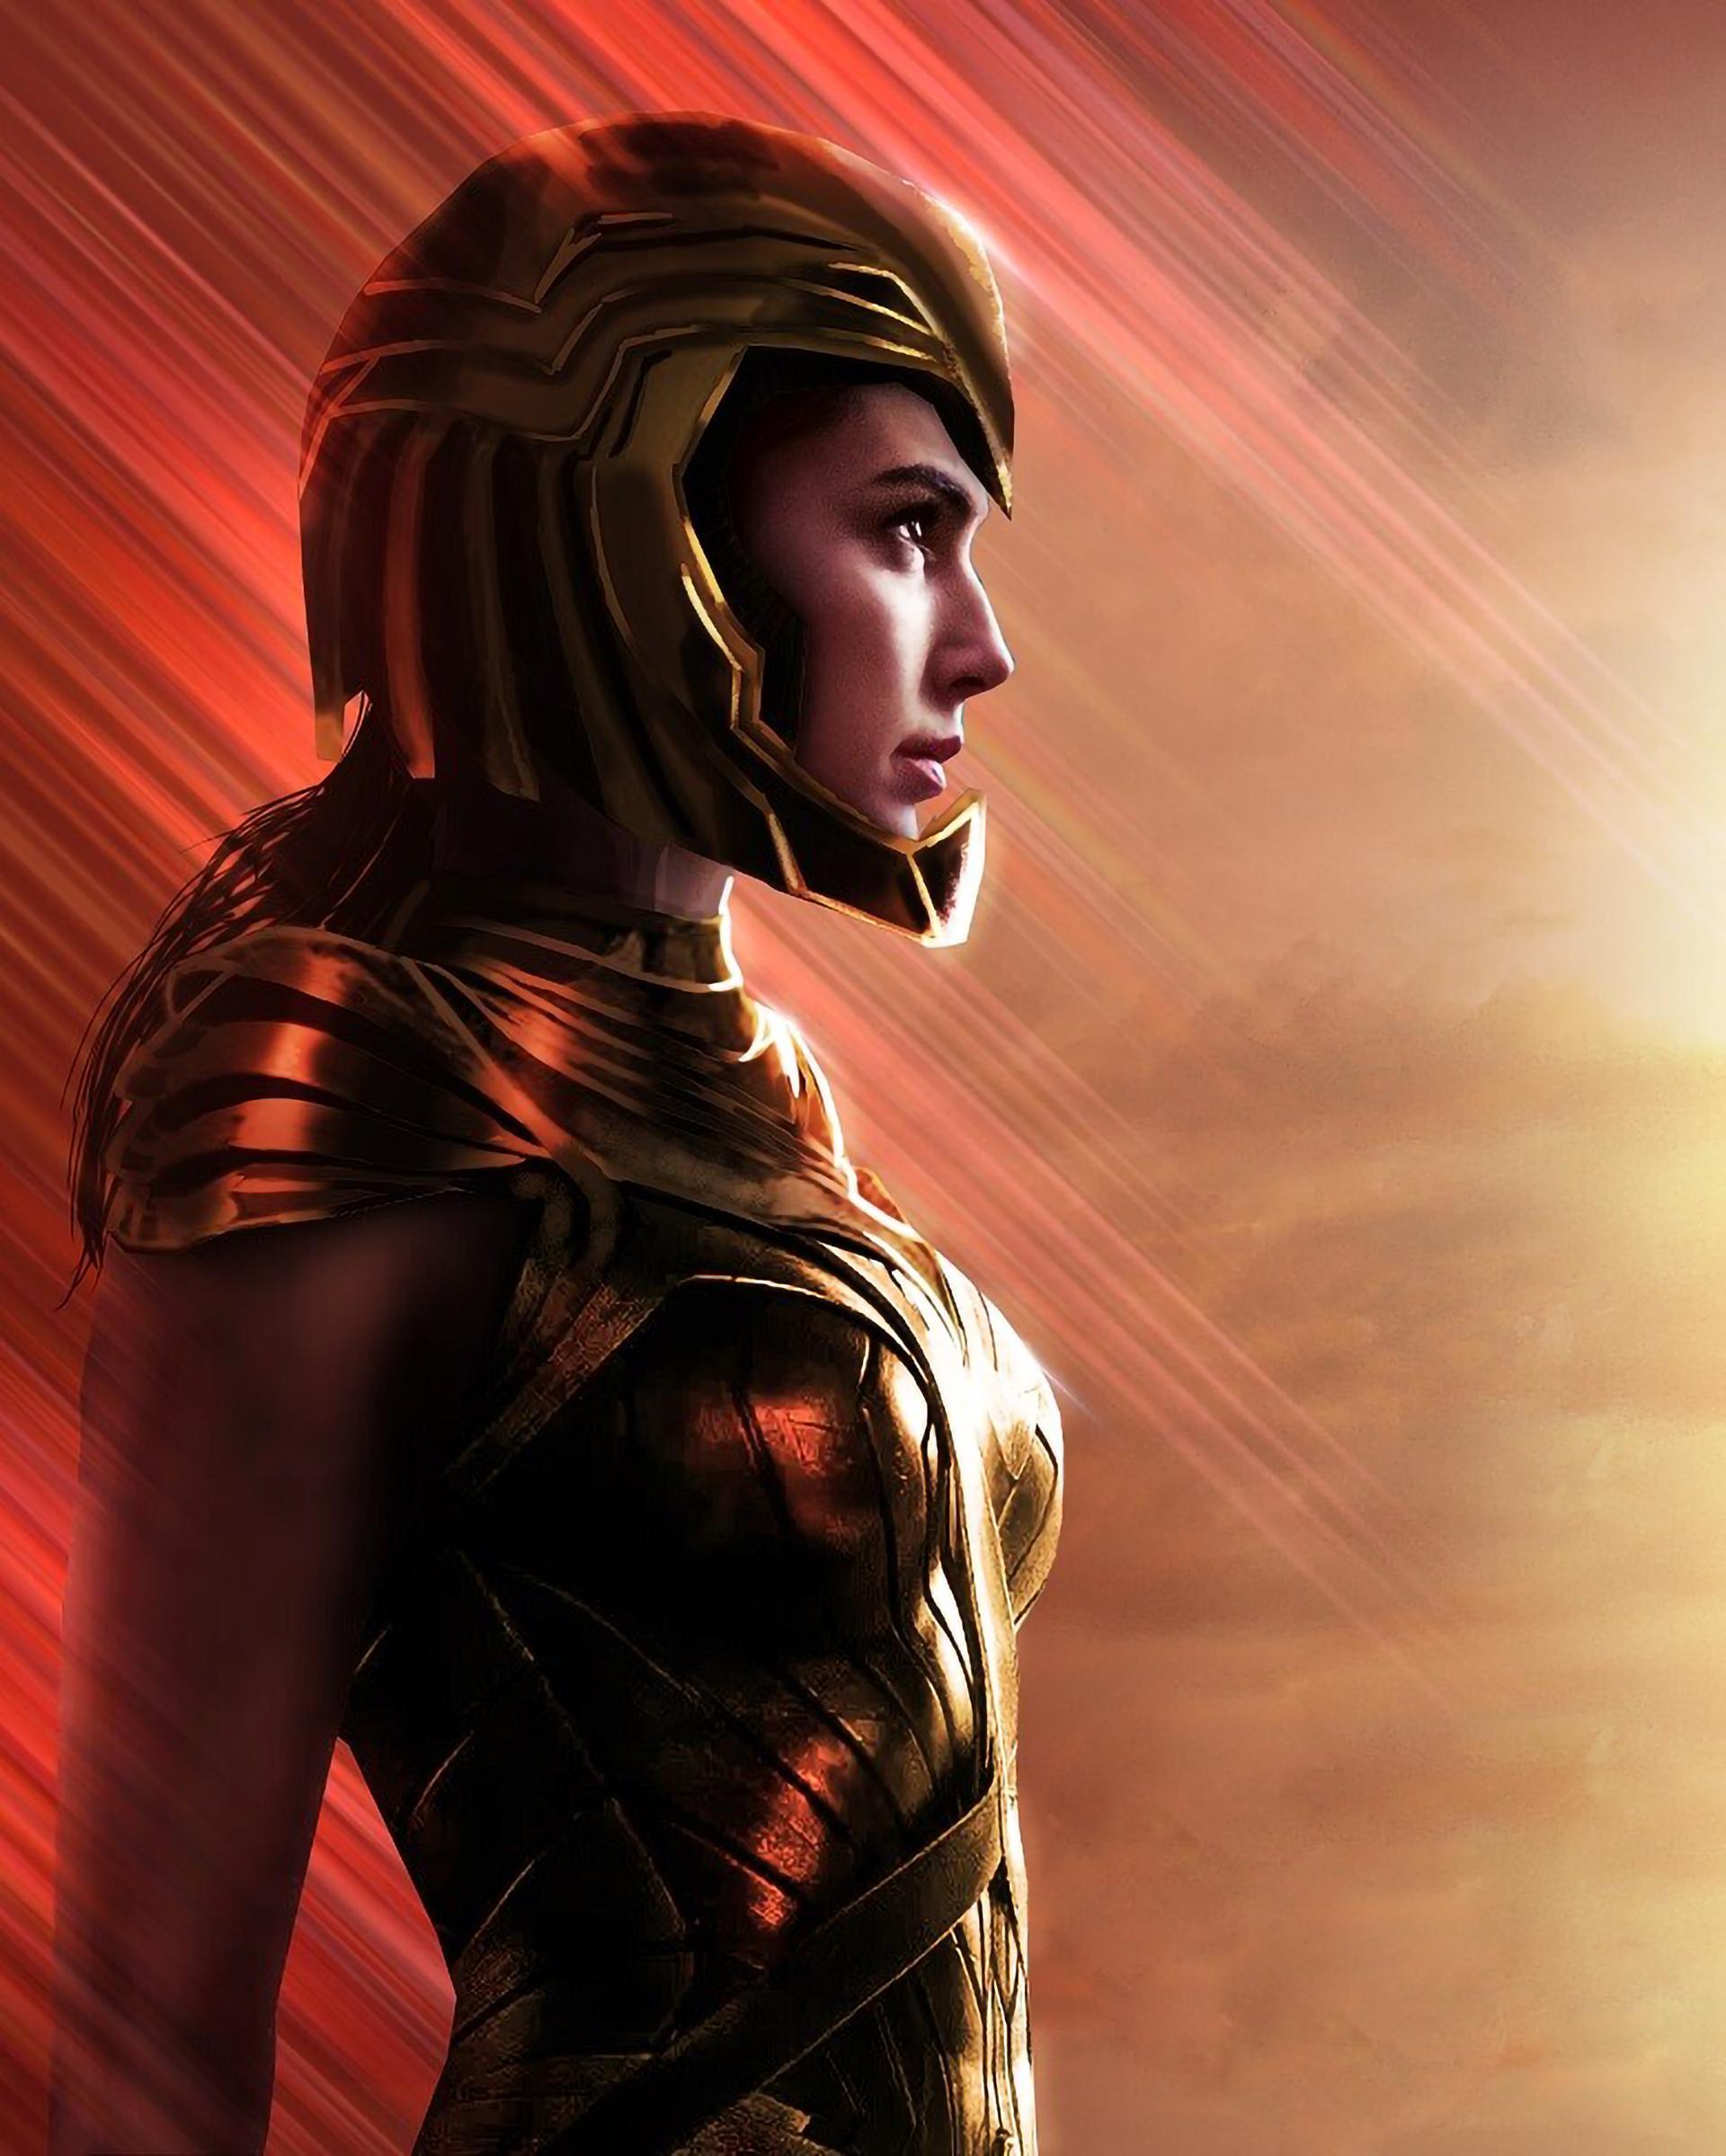 Wonder Woman Helmet Wallpaper Hd Movies 4k Wallpapers